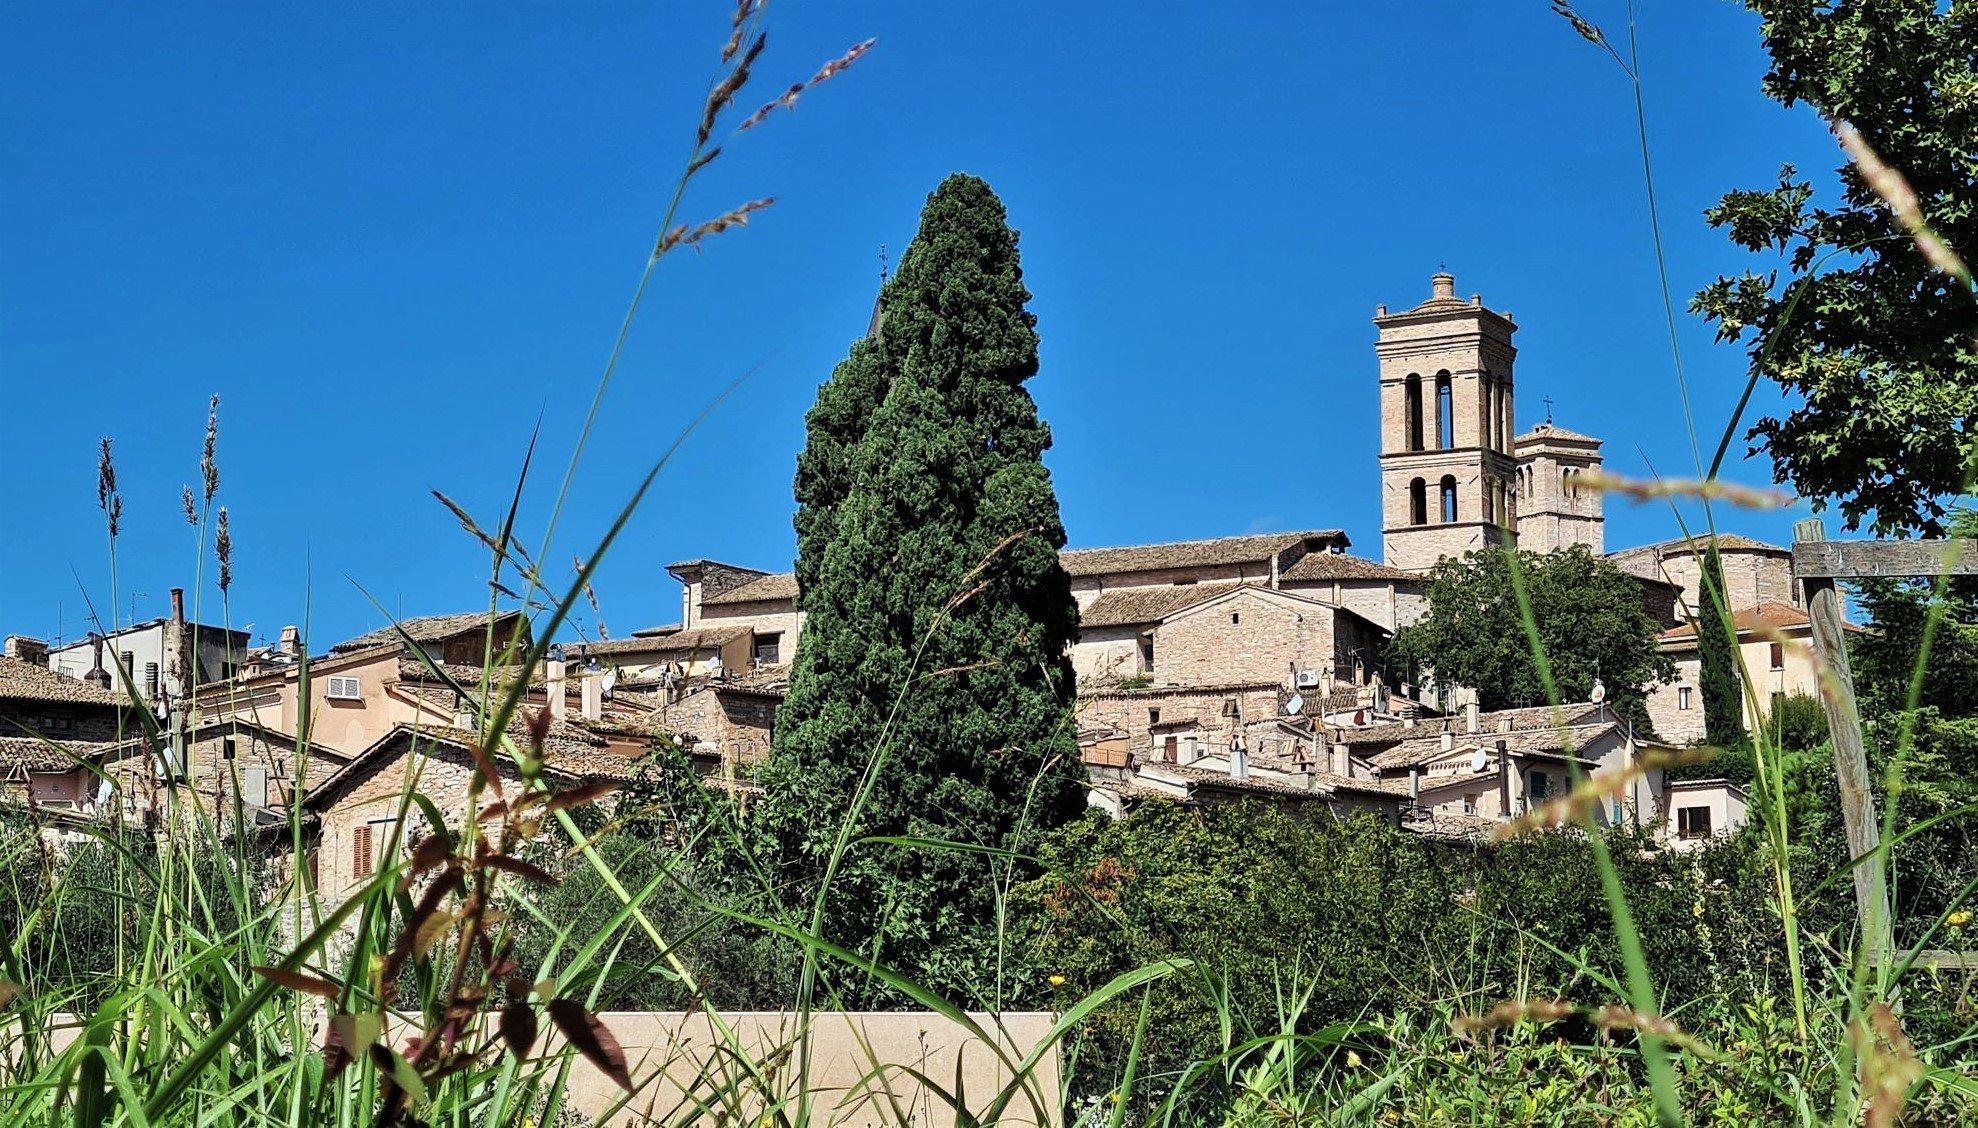 Cosa fare in Umbria Una passeggiata a Spello